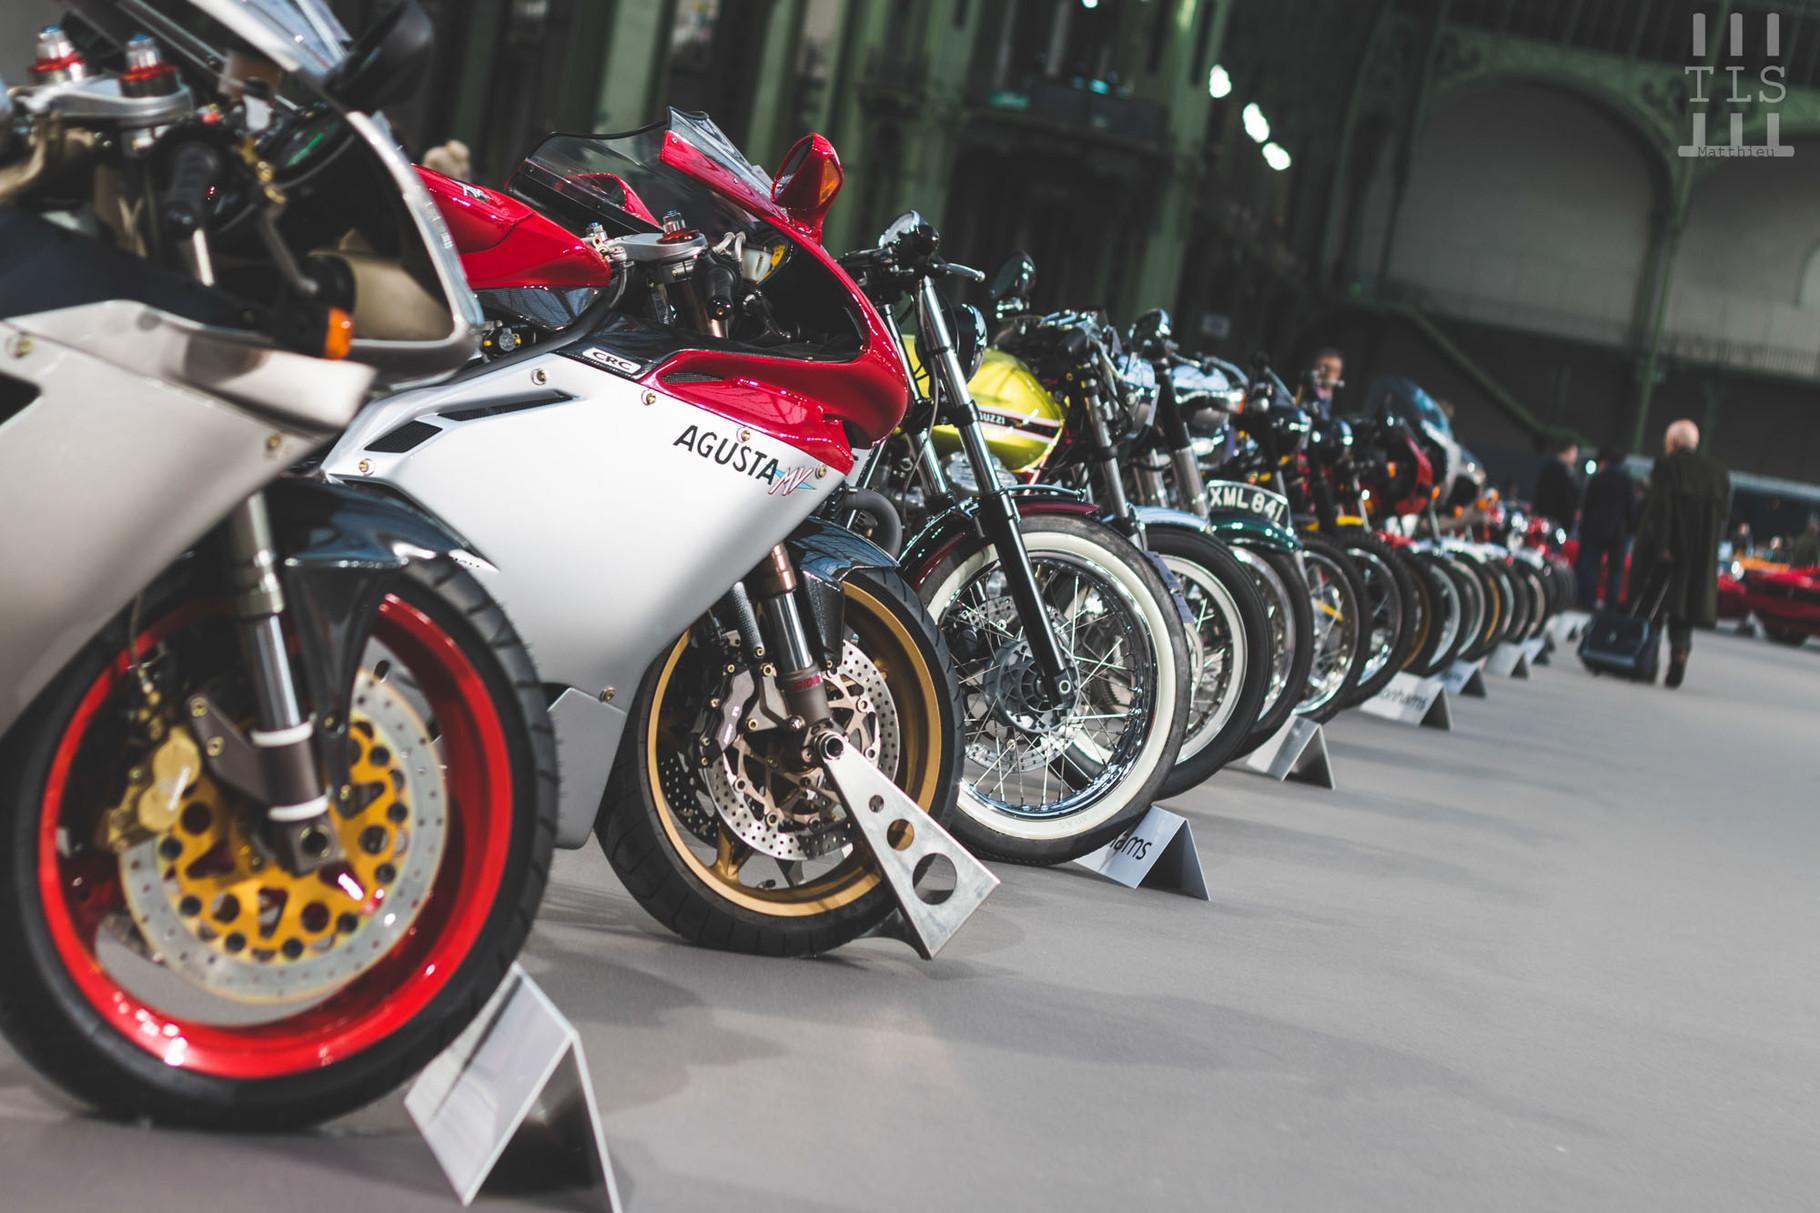 Il y avait cette année une belle sélection de motos dans les allées du Grand Palais !